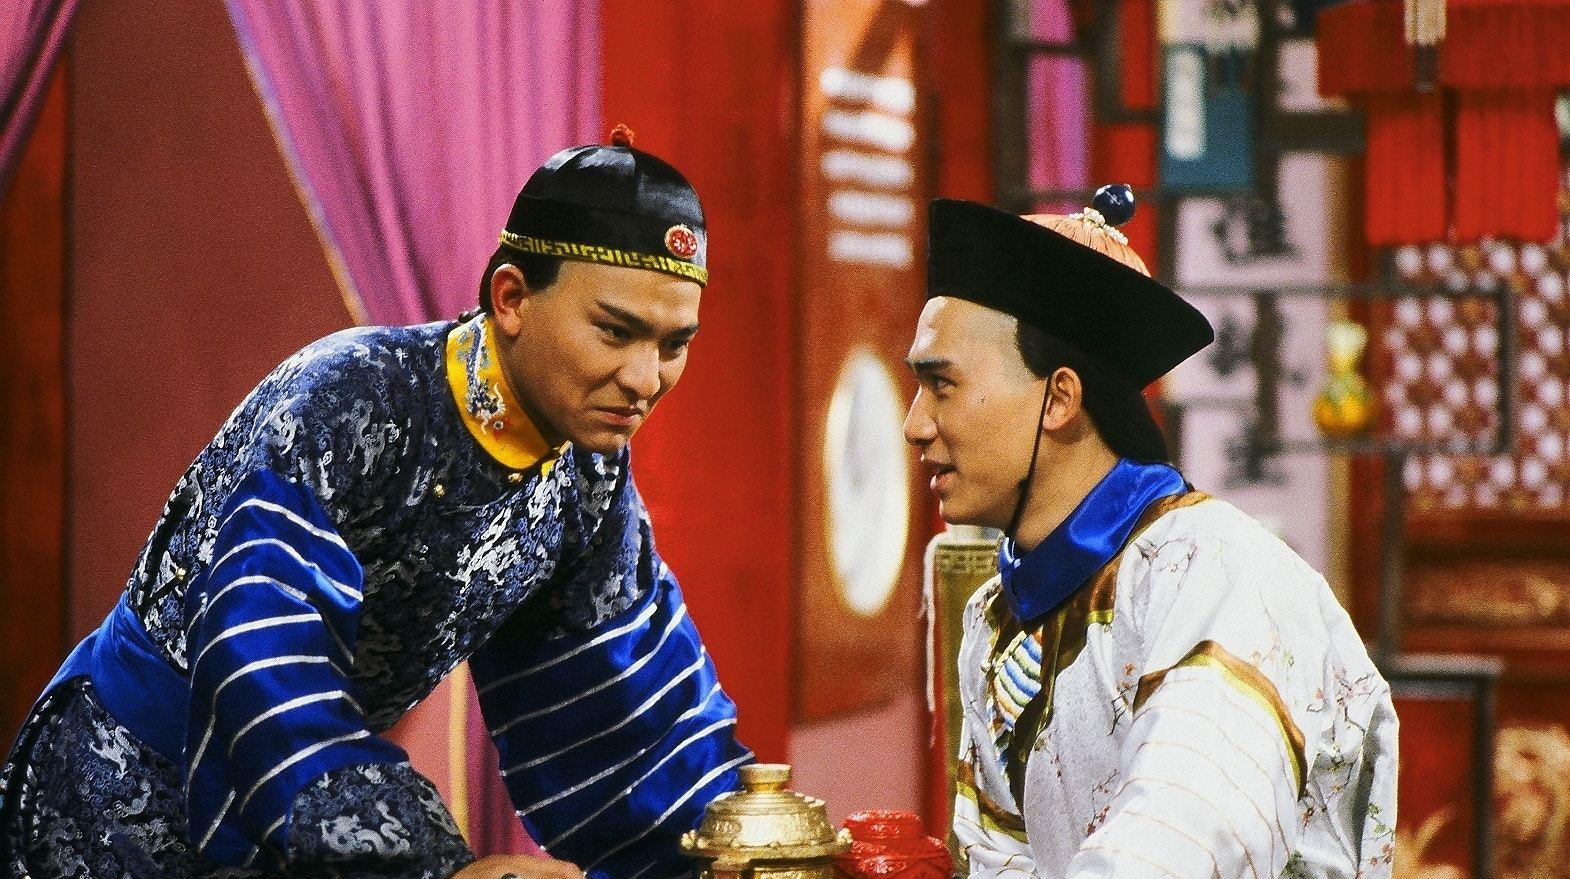 历代韦小宝扮演者,第一个是女星扮演,但梁朝伟张卫健都难以取代